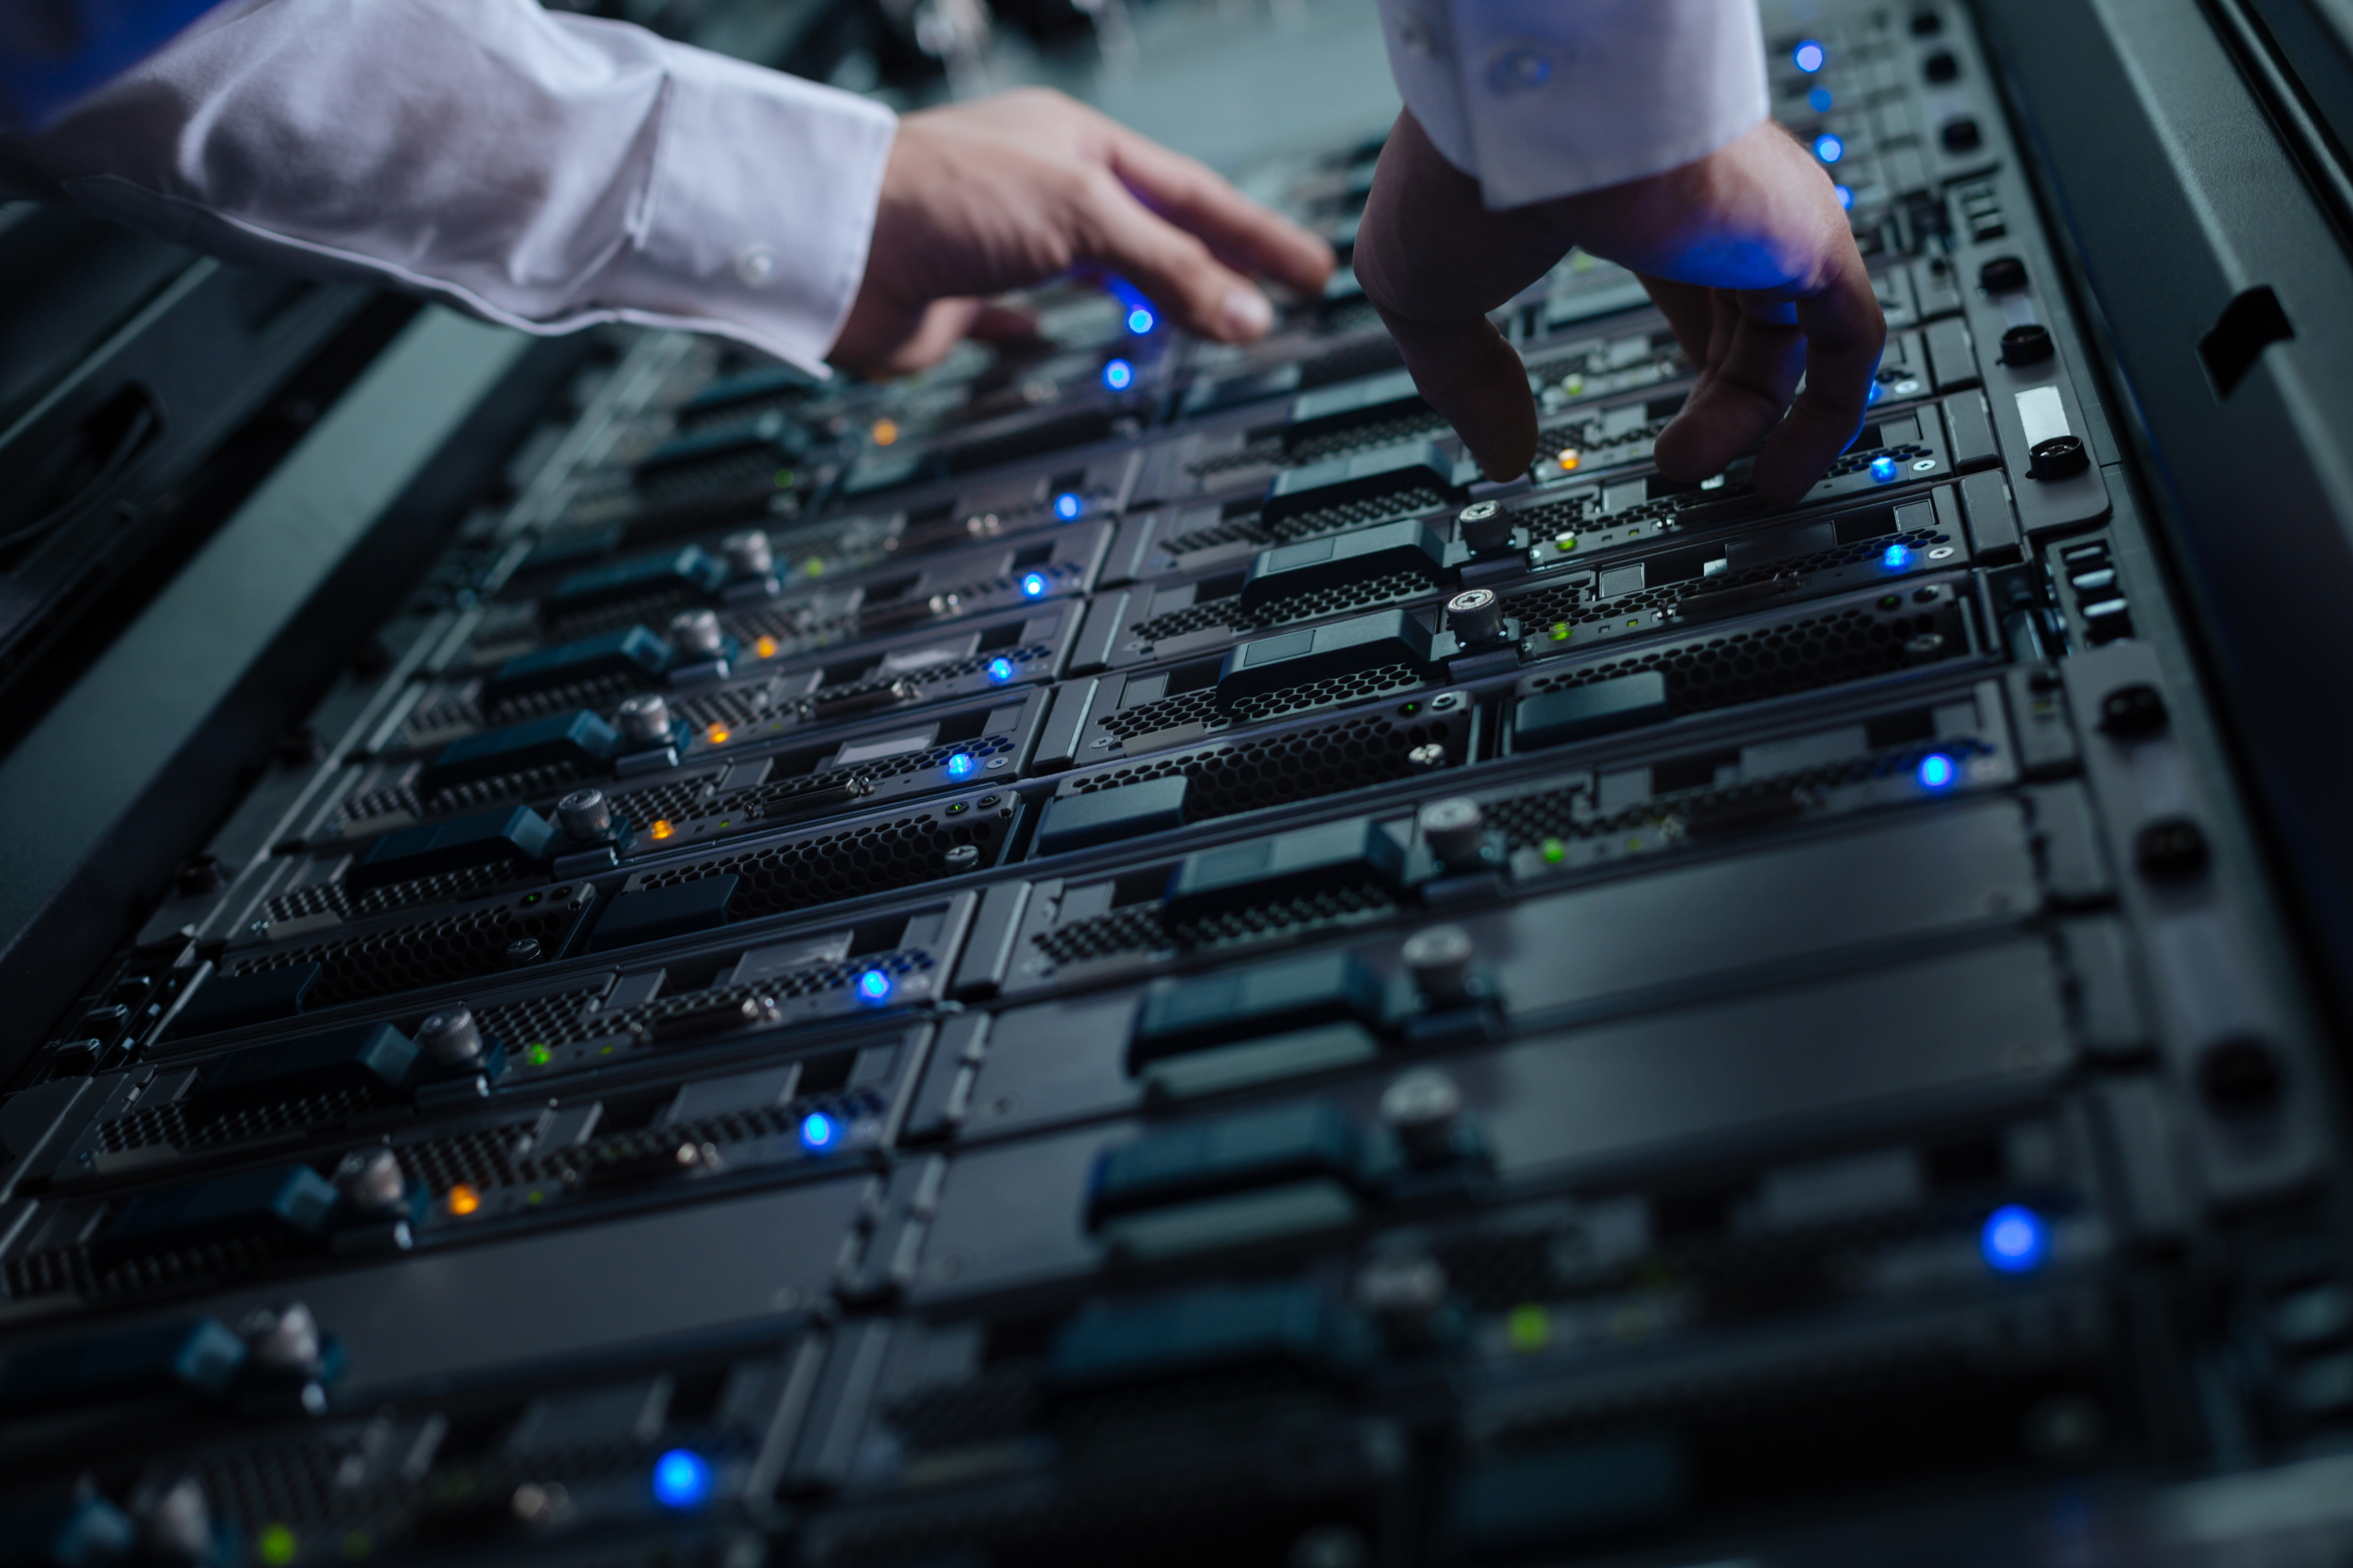 La connectivité et la mise en place de services numériques : des leviers pour améliorer l'attractivité du bâtiment ?